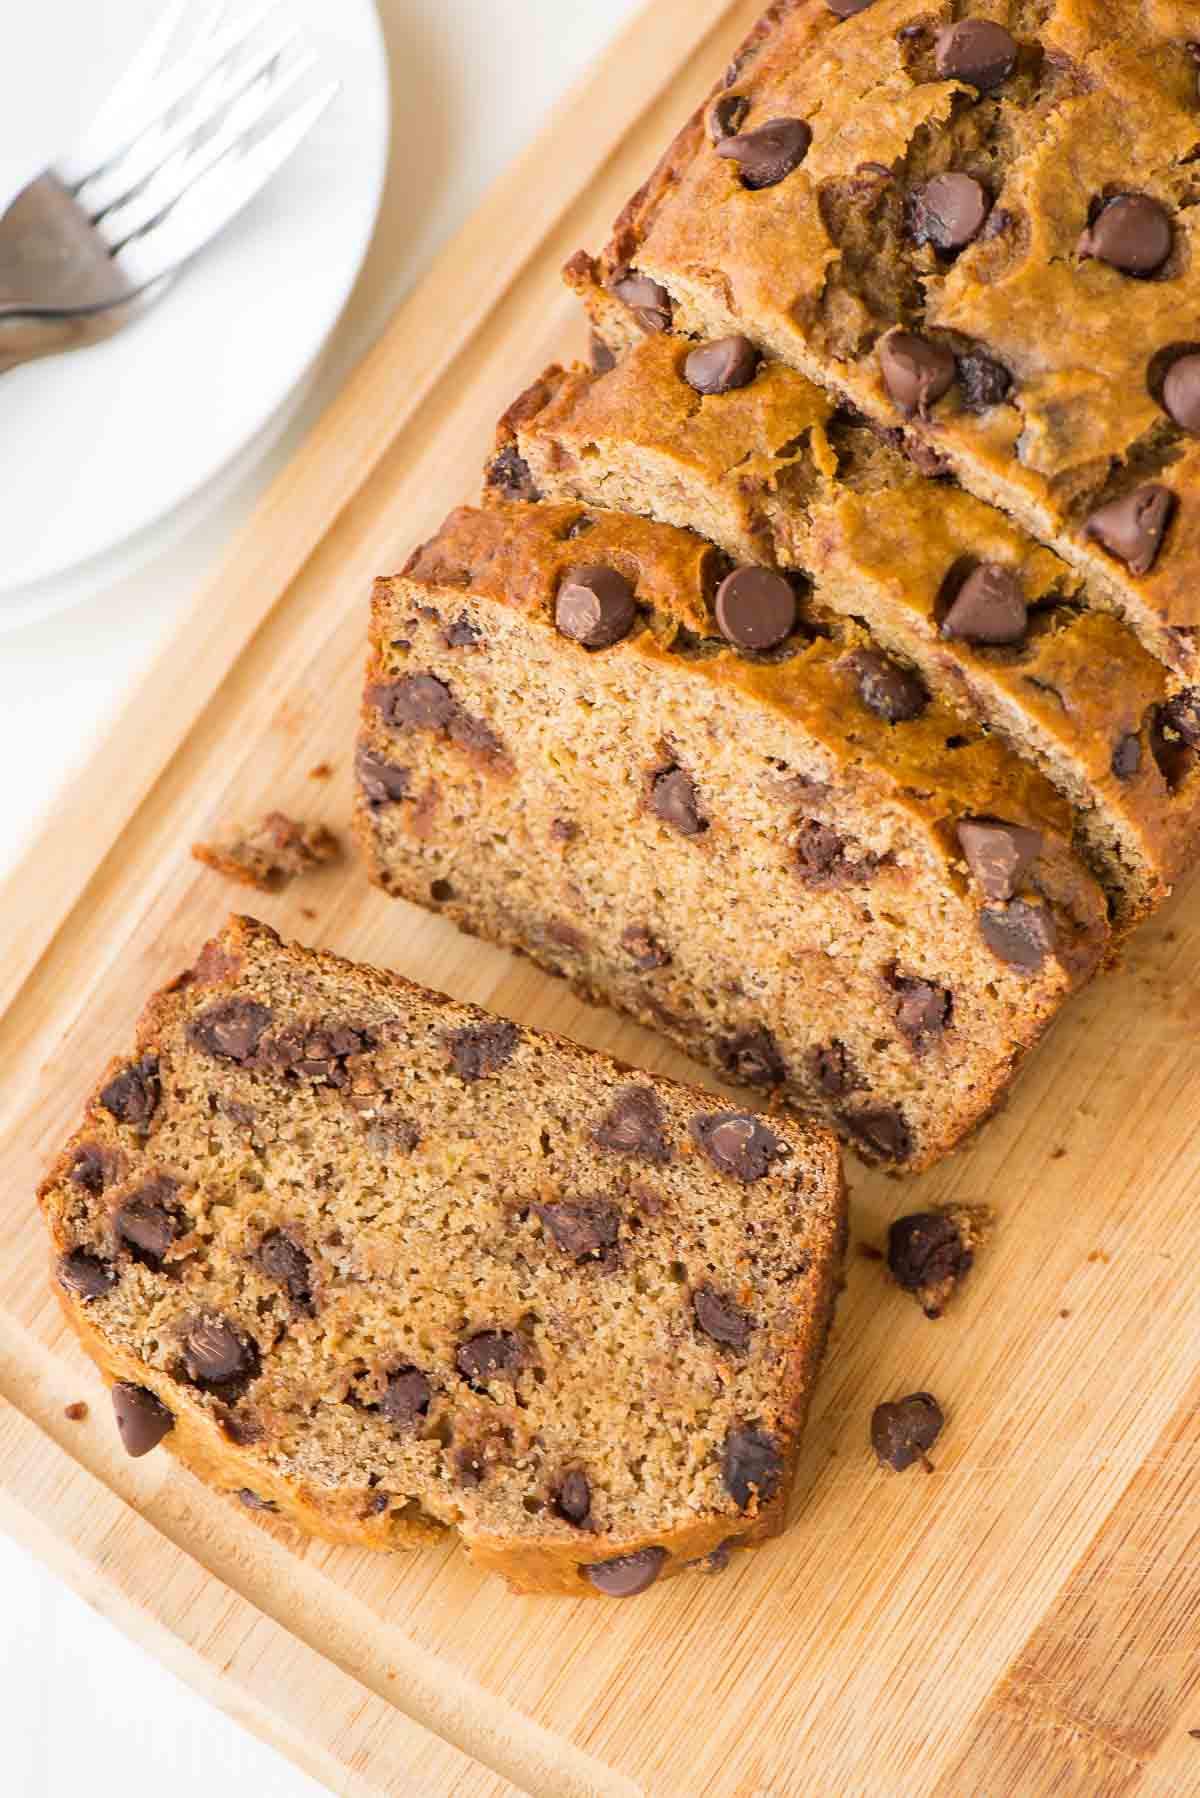 Healthy Homemade Banana Bread  Healthy Banana Bread Recipe with Chocolate Chips